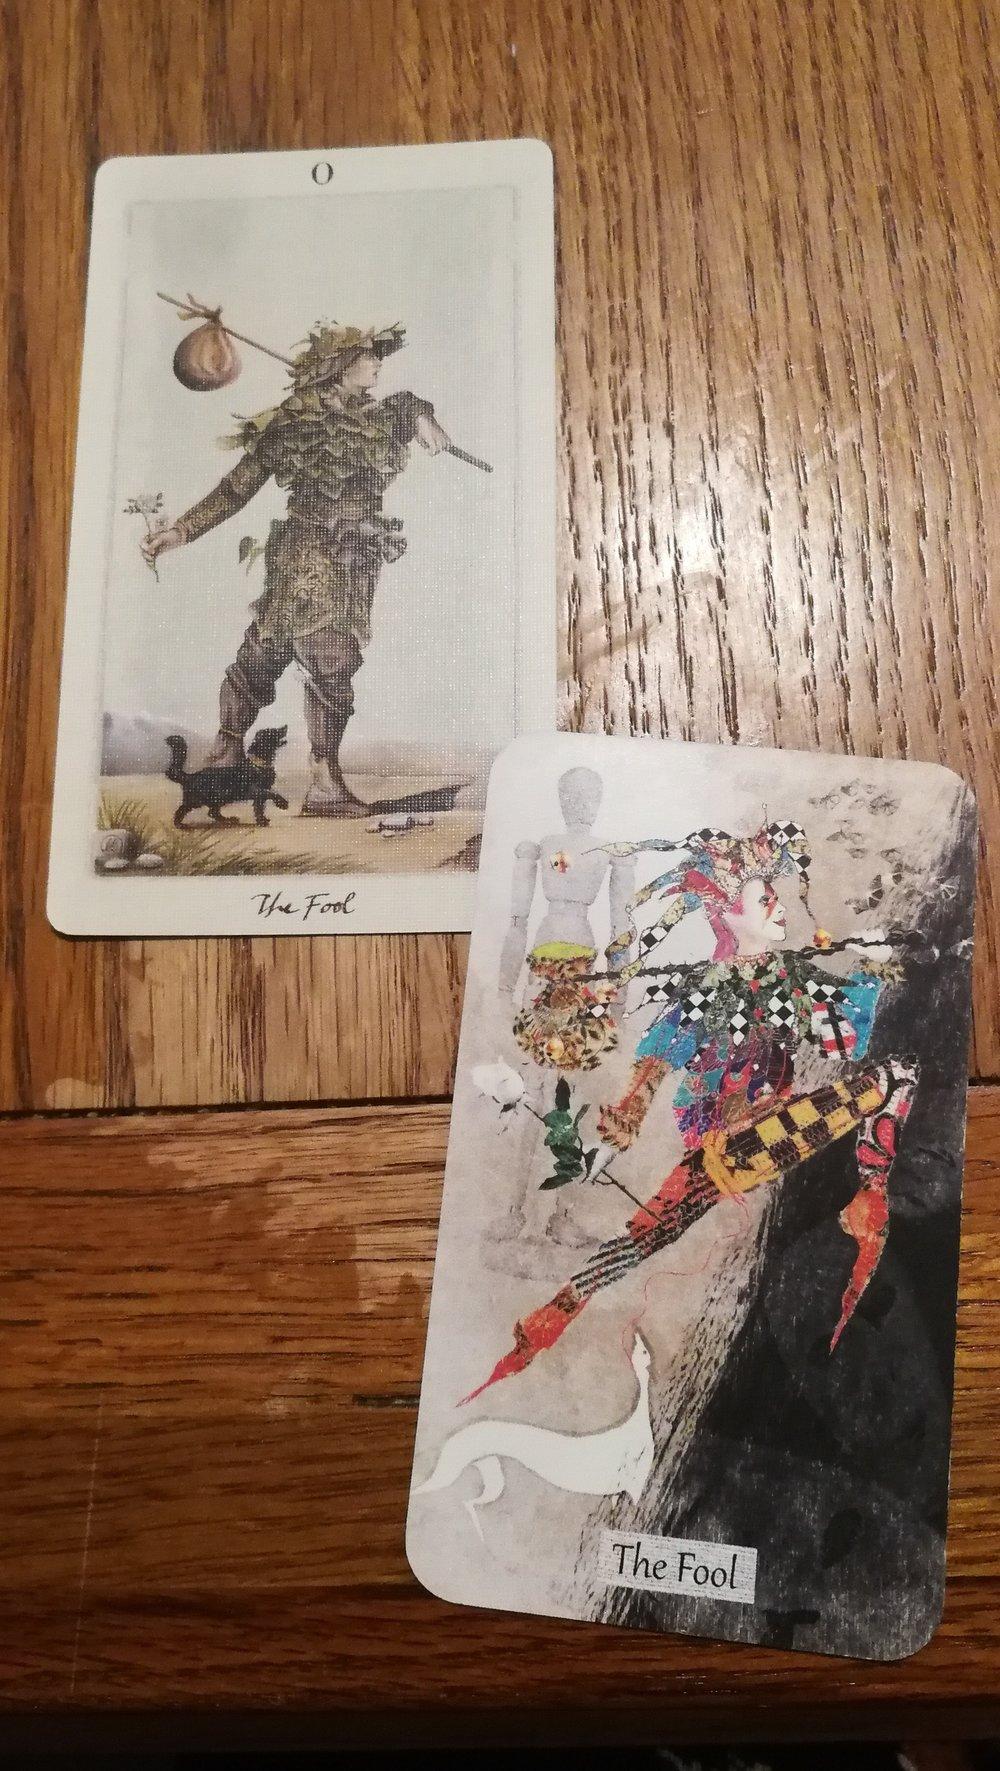 The Fool  Top card:   Pagan Otherworlds Tarot   Bottom Card:   The Textured Tarot by Lisa McLoughlin